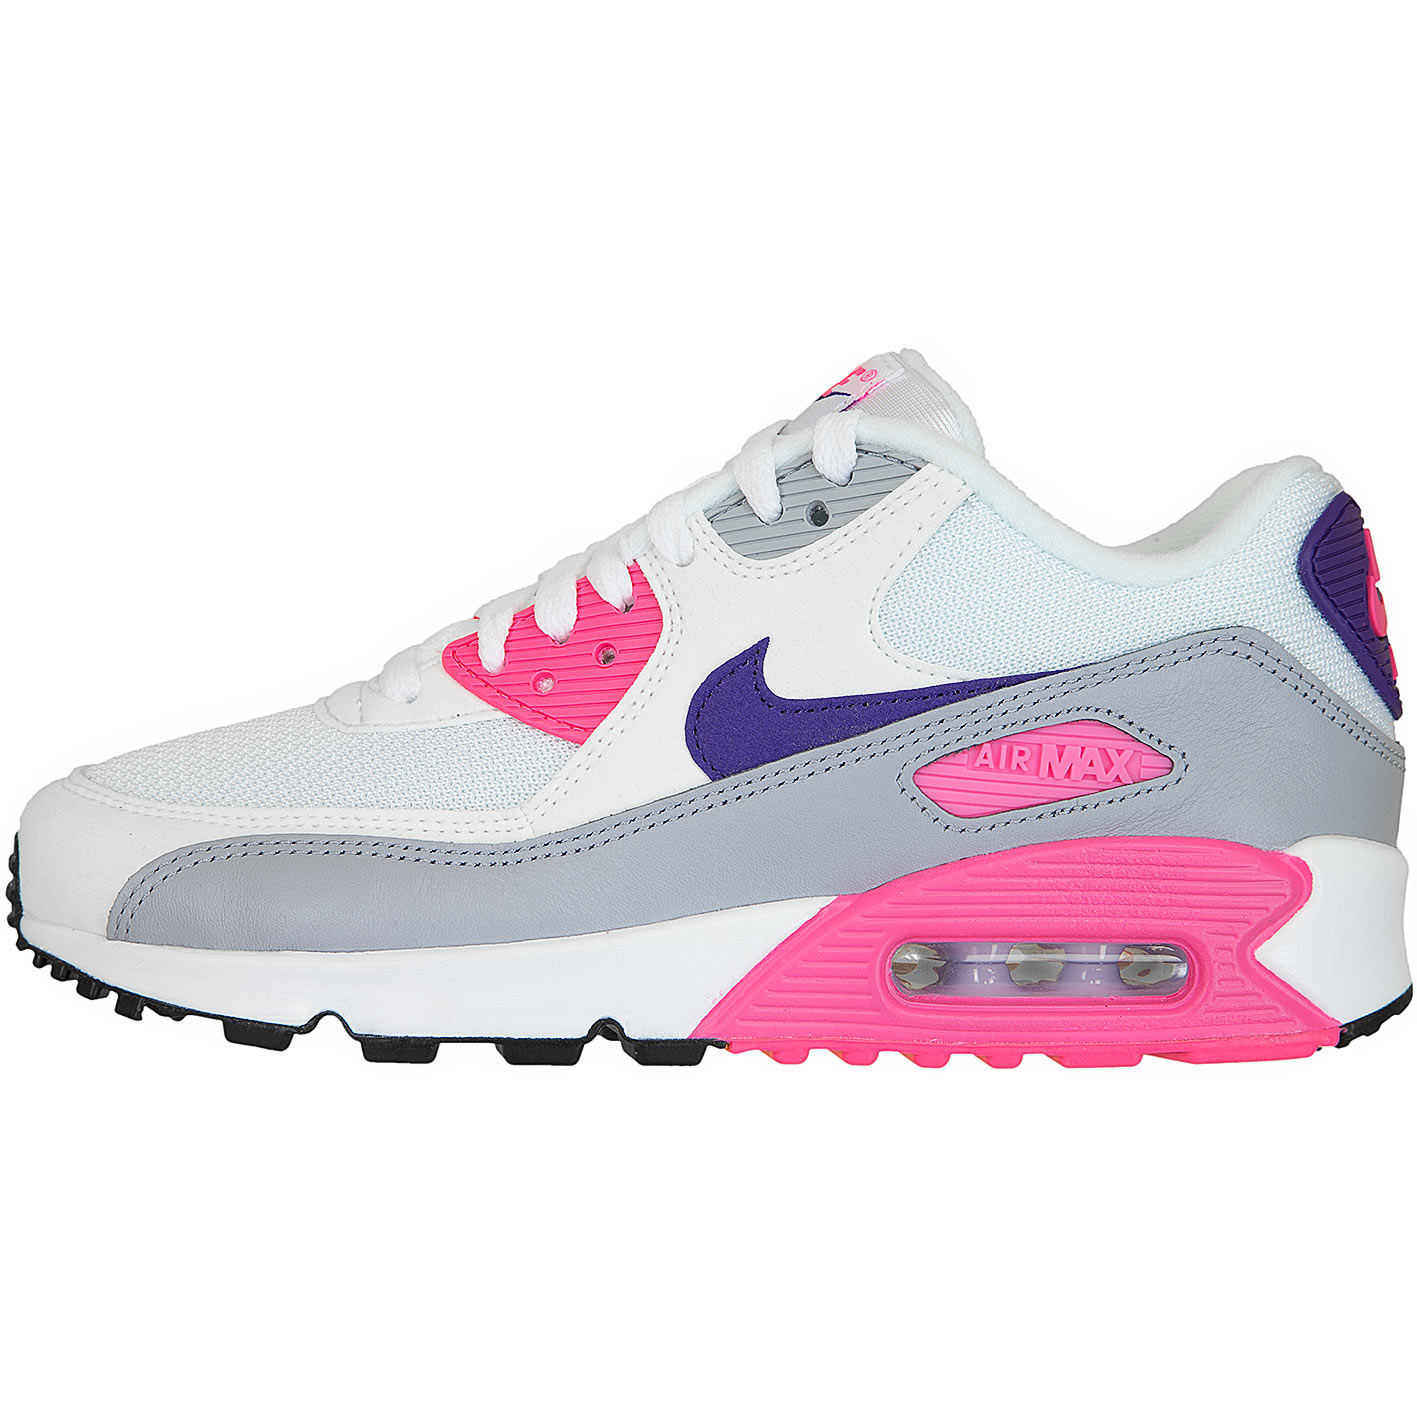 8be4ba0de8 ☆ Nike Damen Sneaker Air Max 90 weiß/pink - hier bestellen!